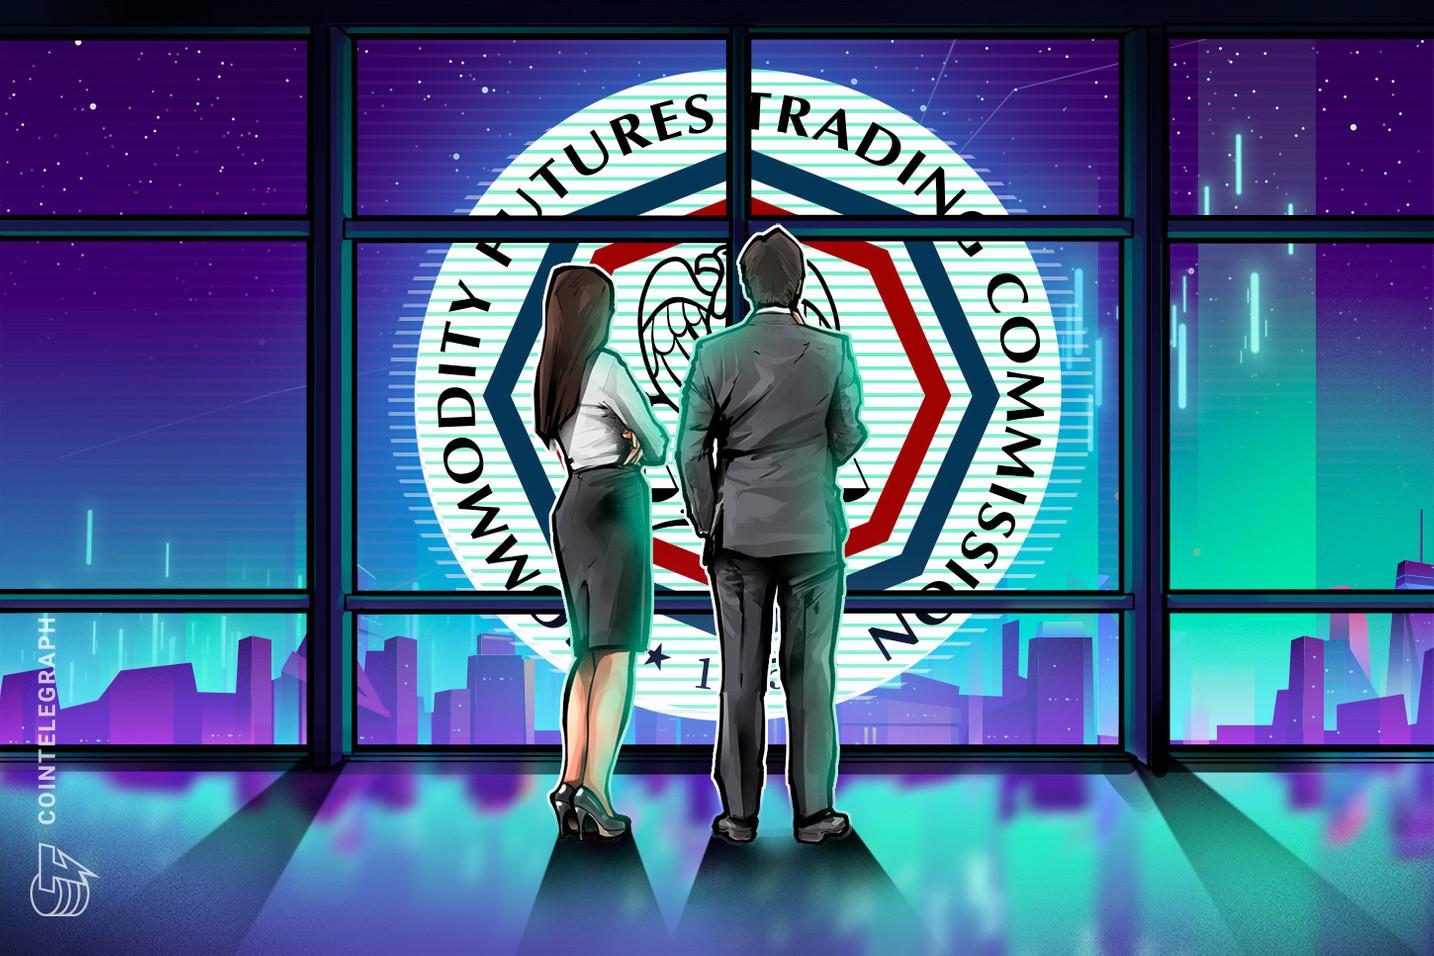 Tarbert abre caminho para o presidente da CFTC de Biden, mas permanecerá como comissário